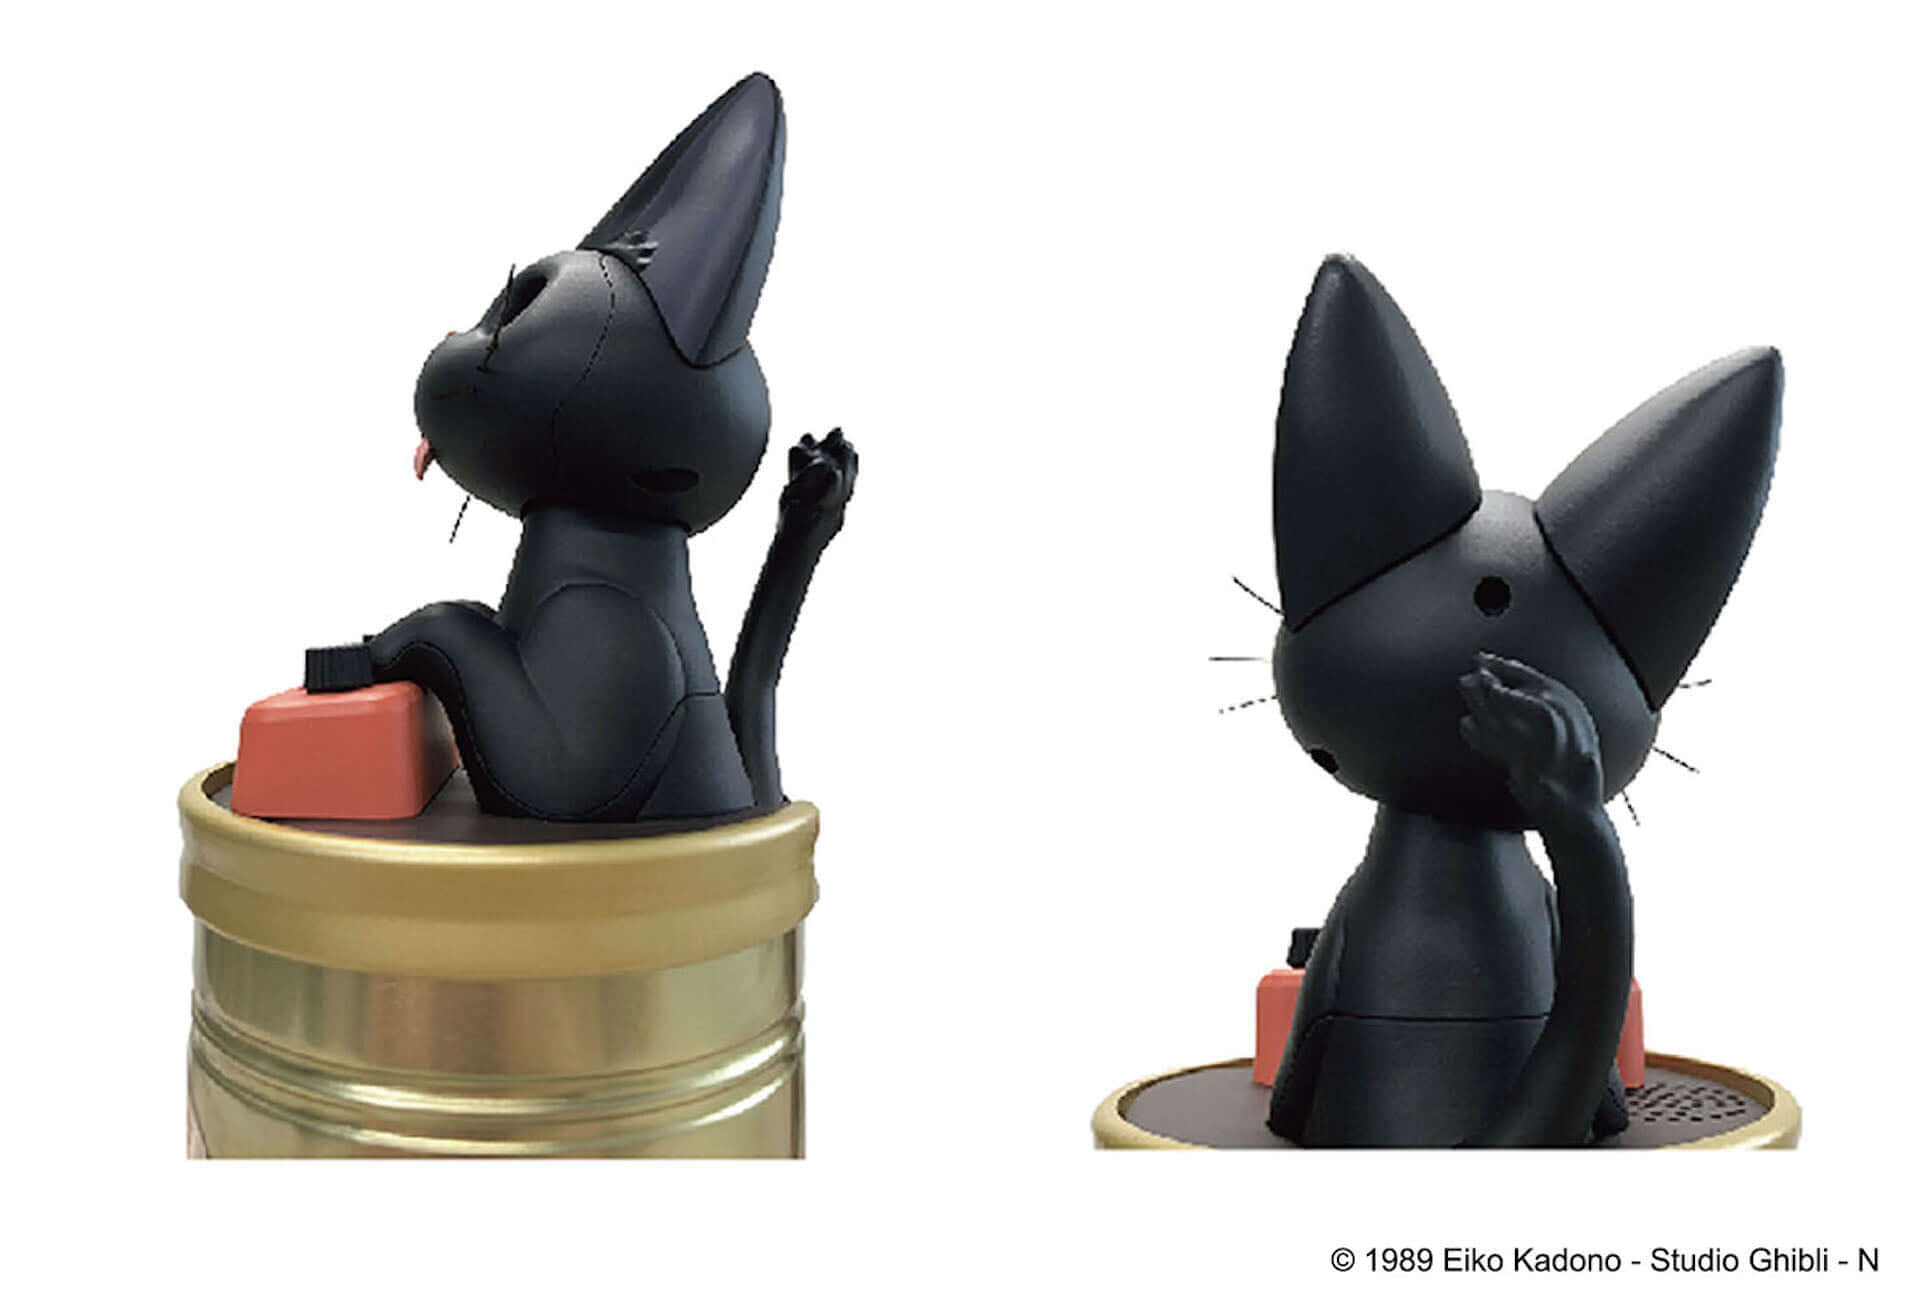 『魔女の宅急便』ジジが音に合わせてキュートに動く!「ジジのノリノリメロディバンク」発売 art190805_ghibli_jiji_2-1920x1299